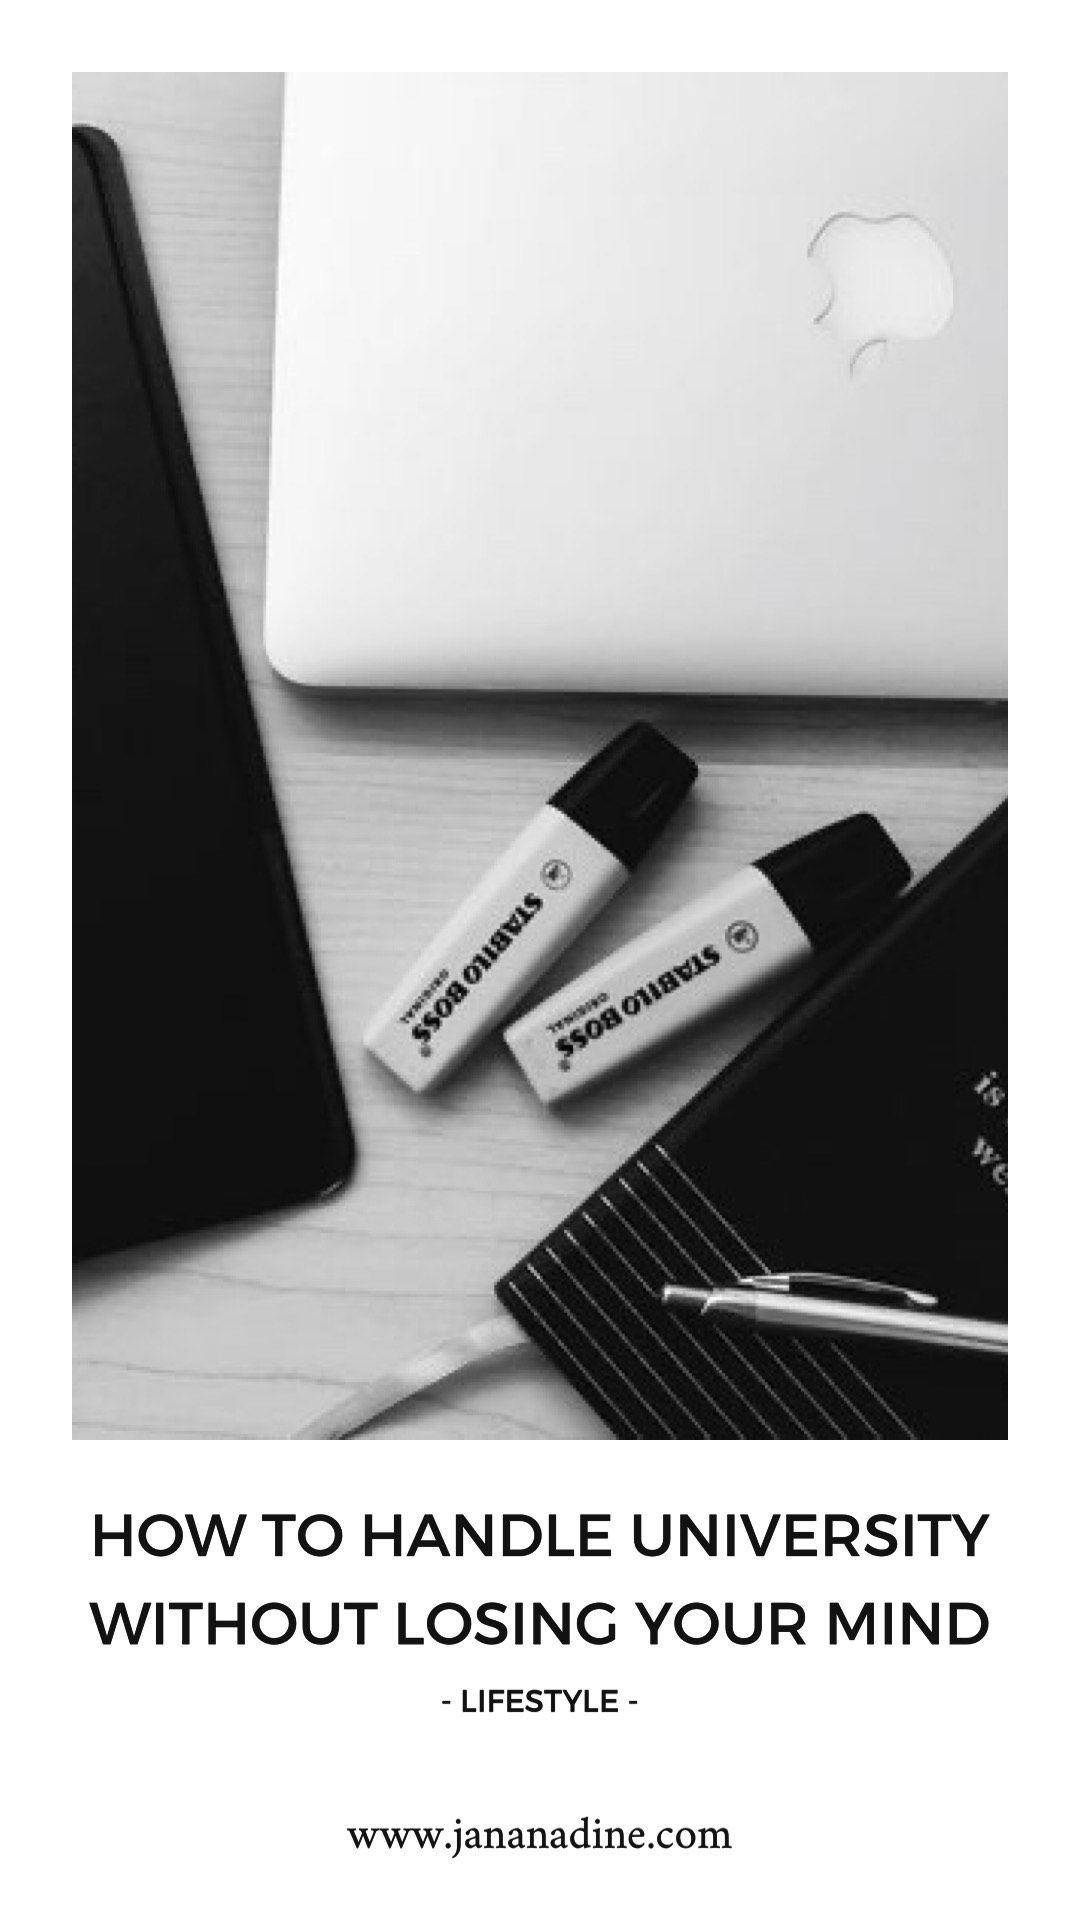 #lifestyleblog #universitytips #studytips #jananadine